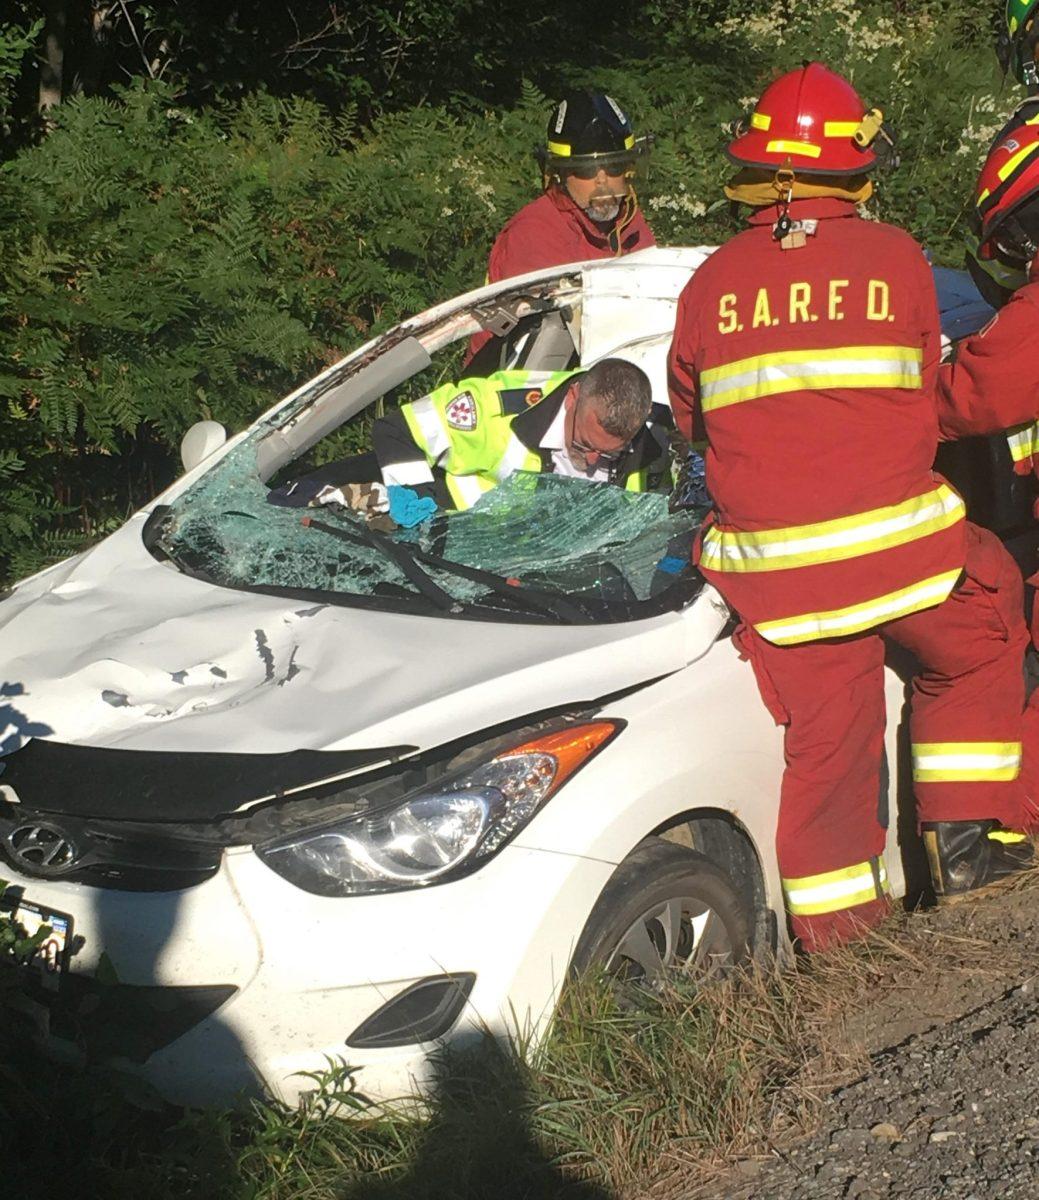 La voiture accidentée de Jessica Vienneau. - Gracieuseté